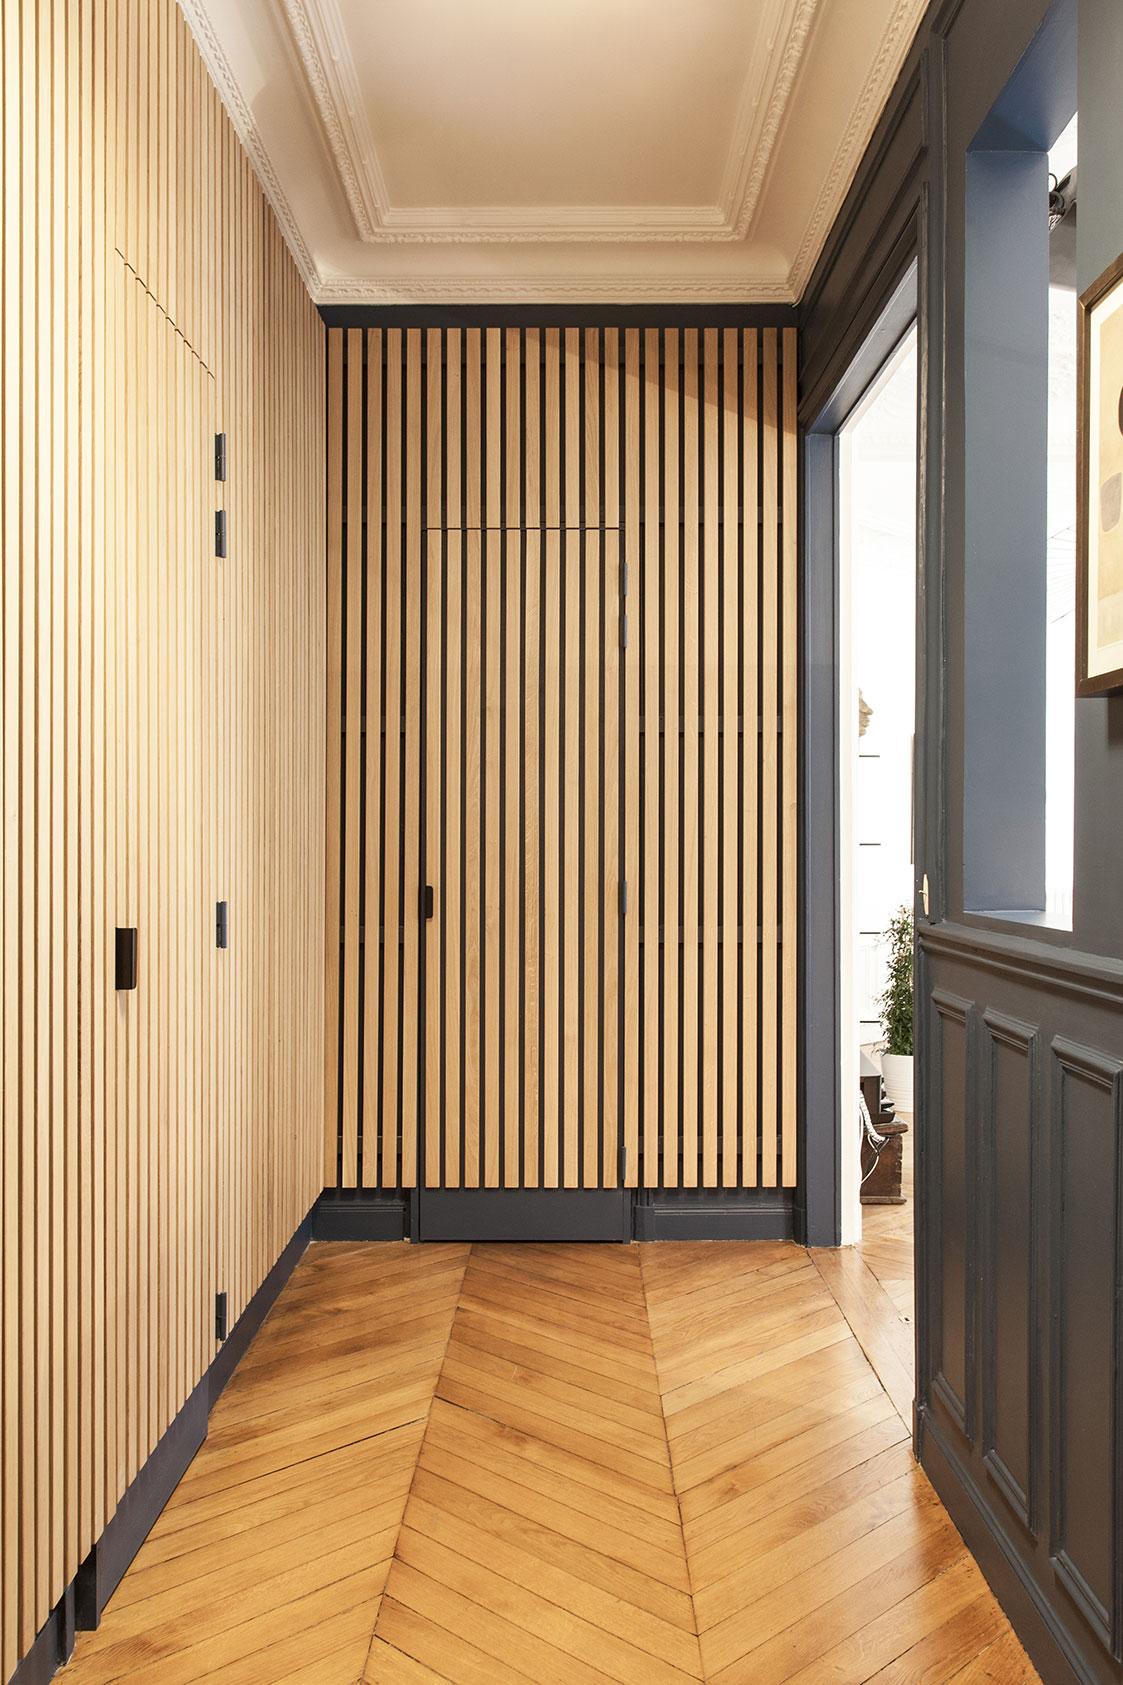 Renovation D Interieur Paris projet rénovation d'un 4 pièces de 130m² paris 08 - pixel